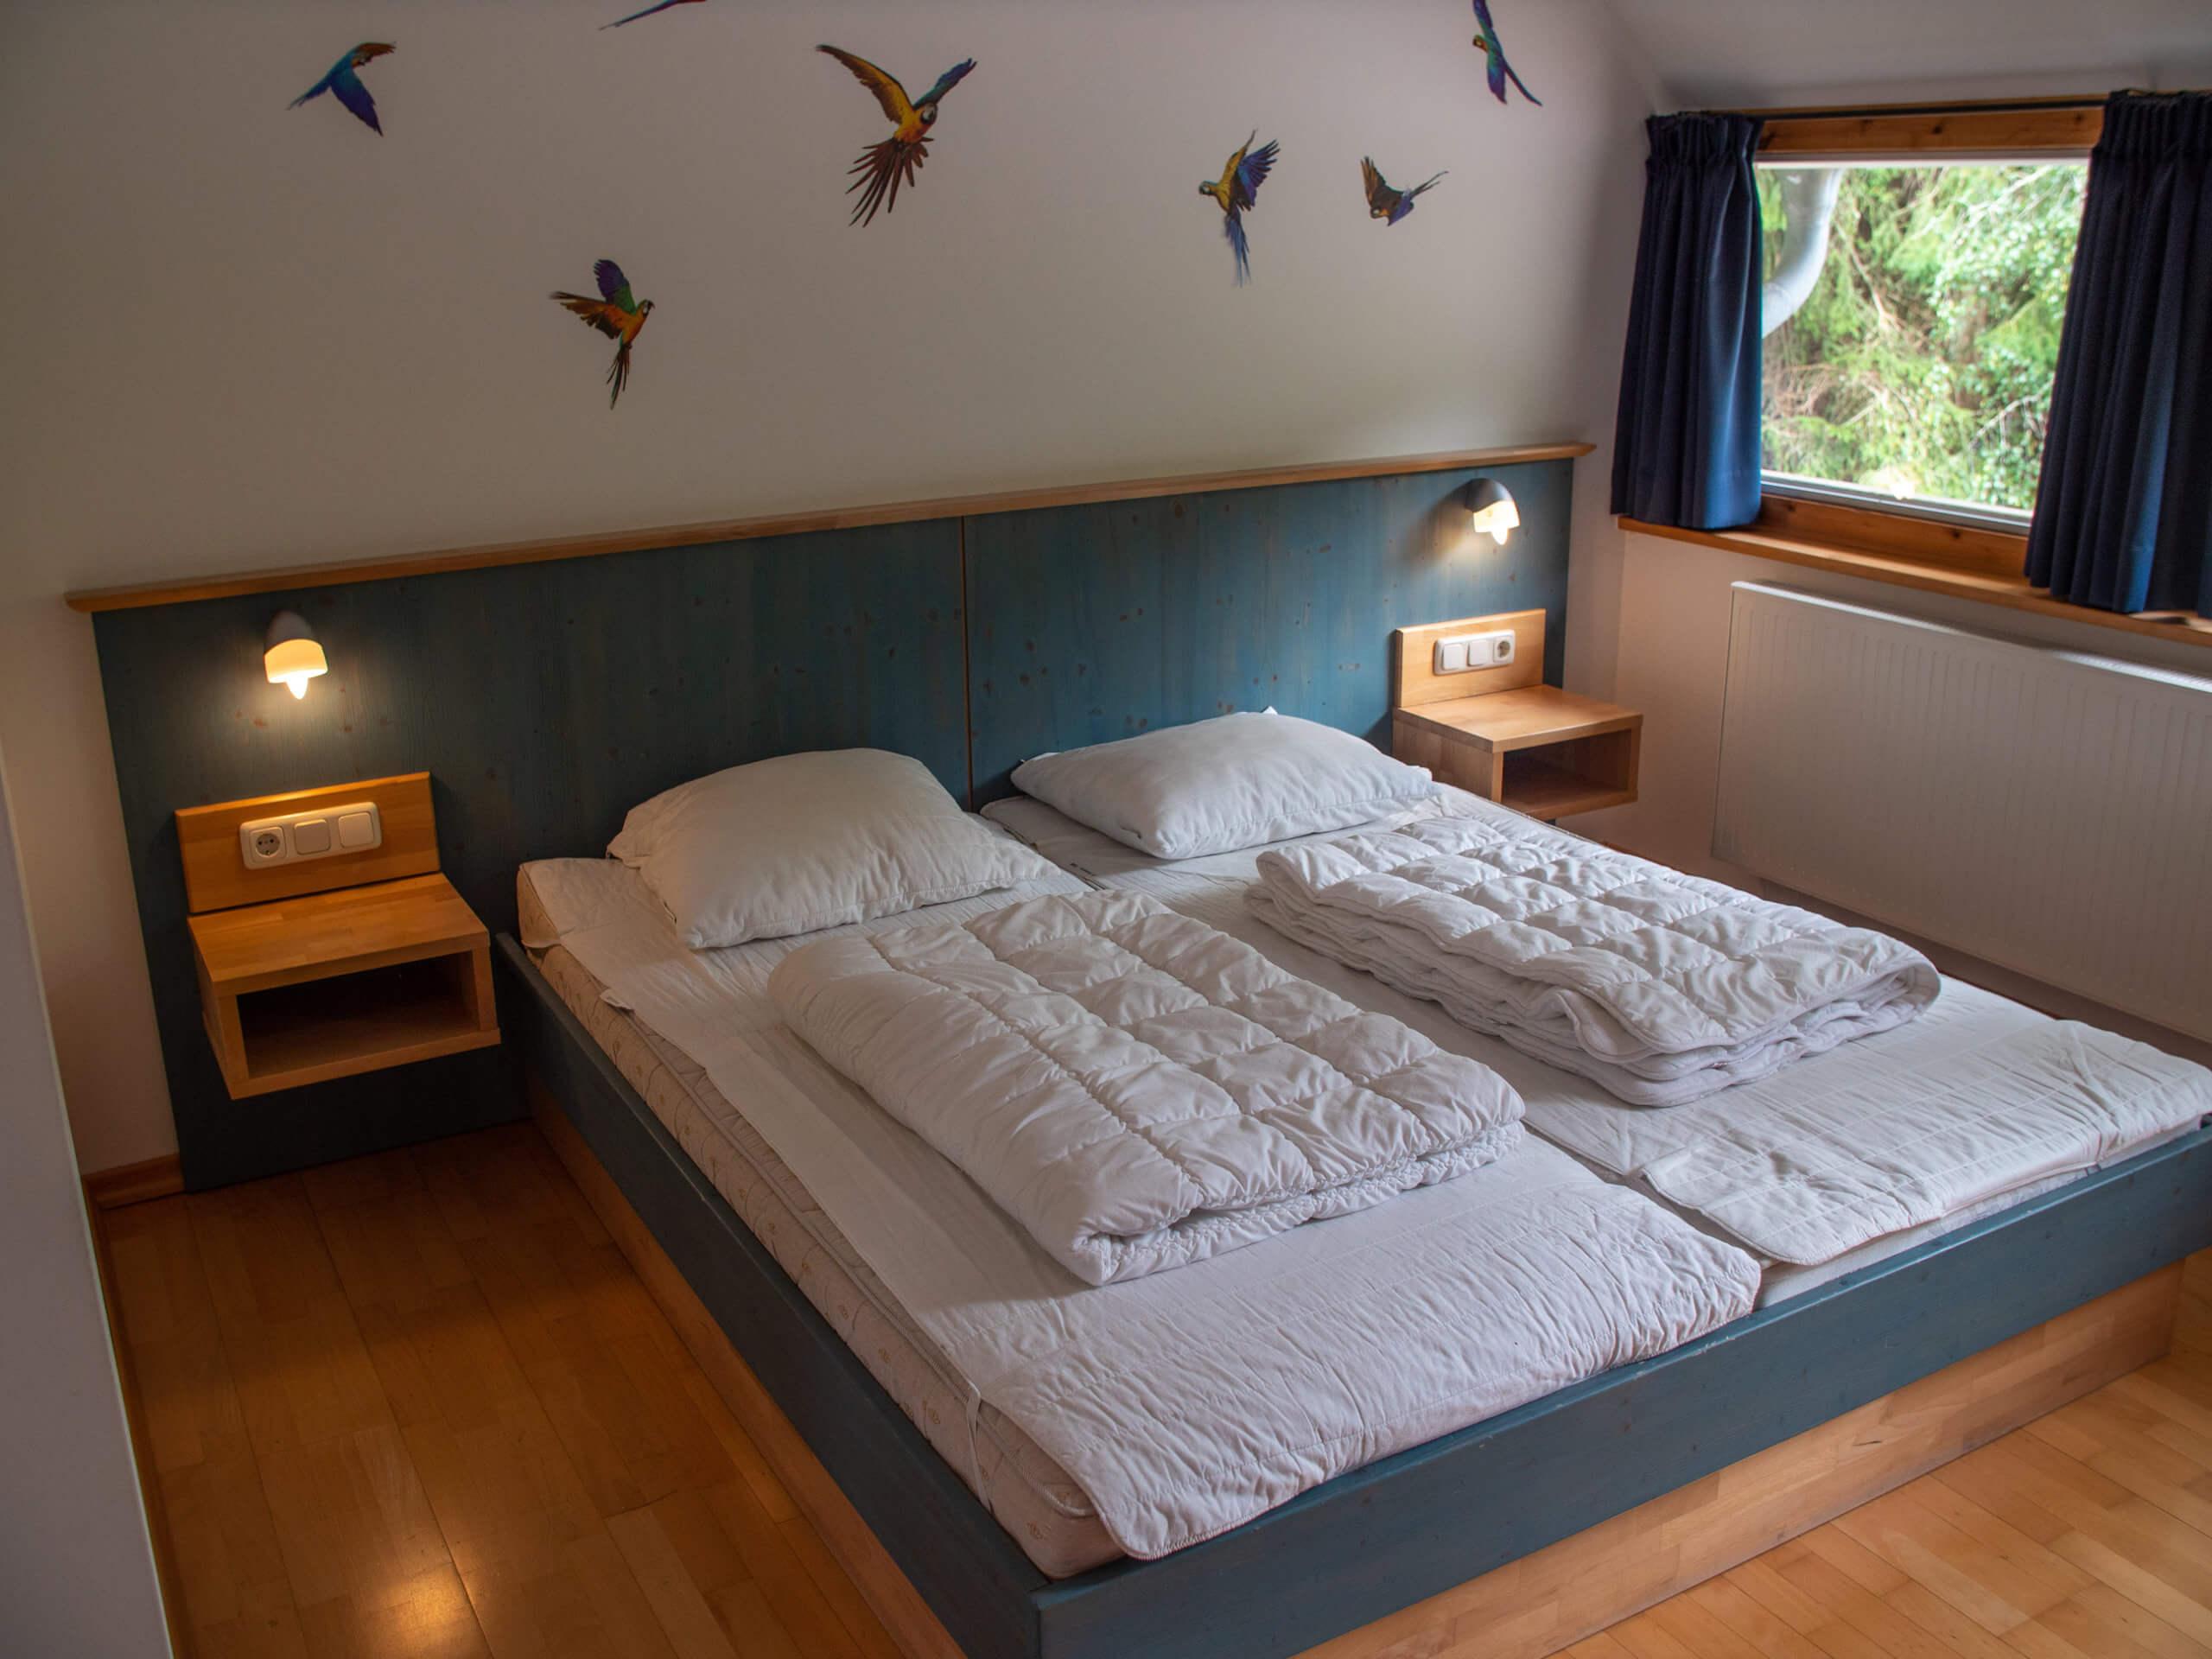 Innen - Schlafzimmer #5